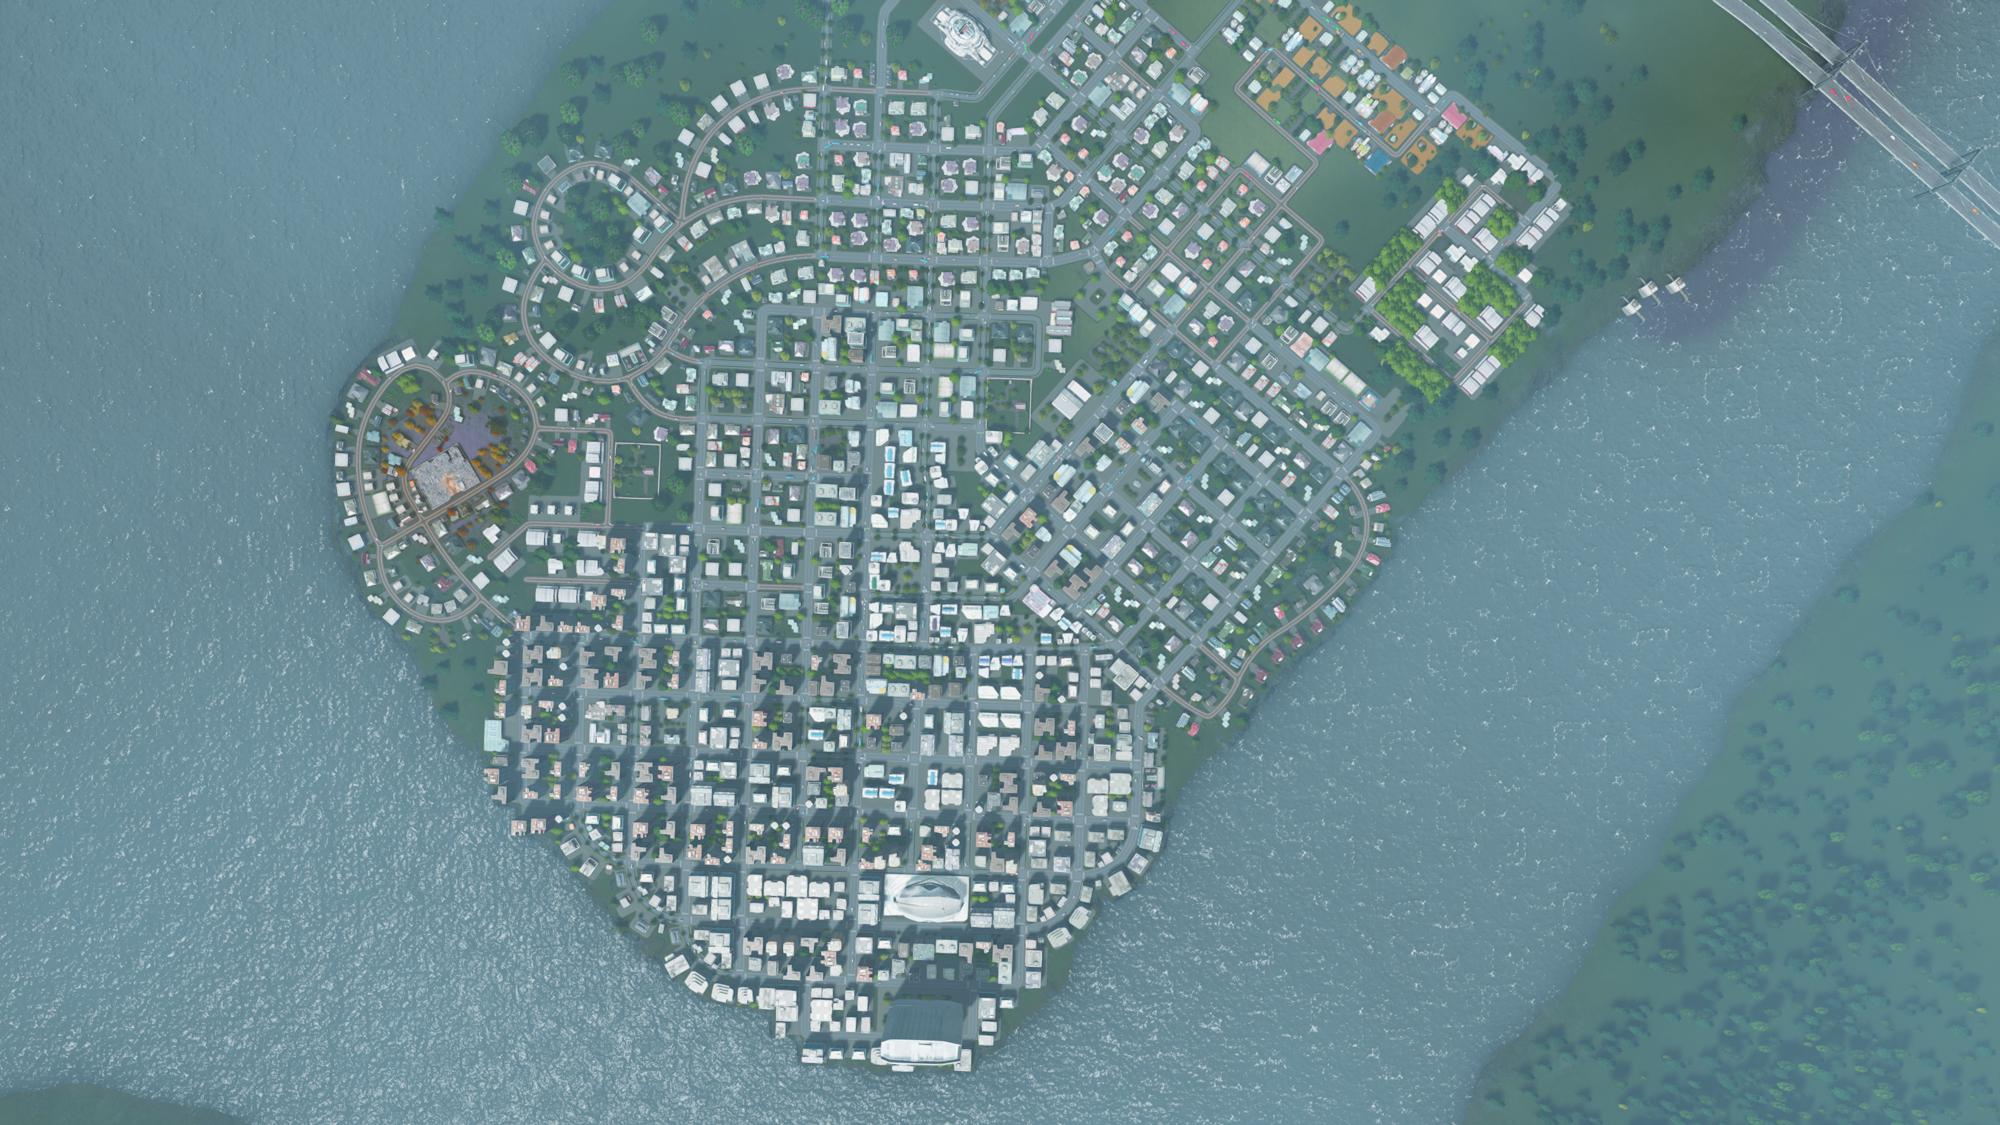 La ridente cittadina di Macon City, nuova residenza di giupmat.